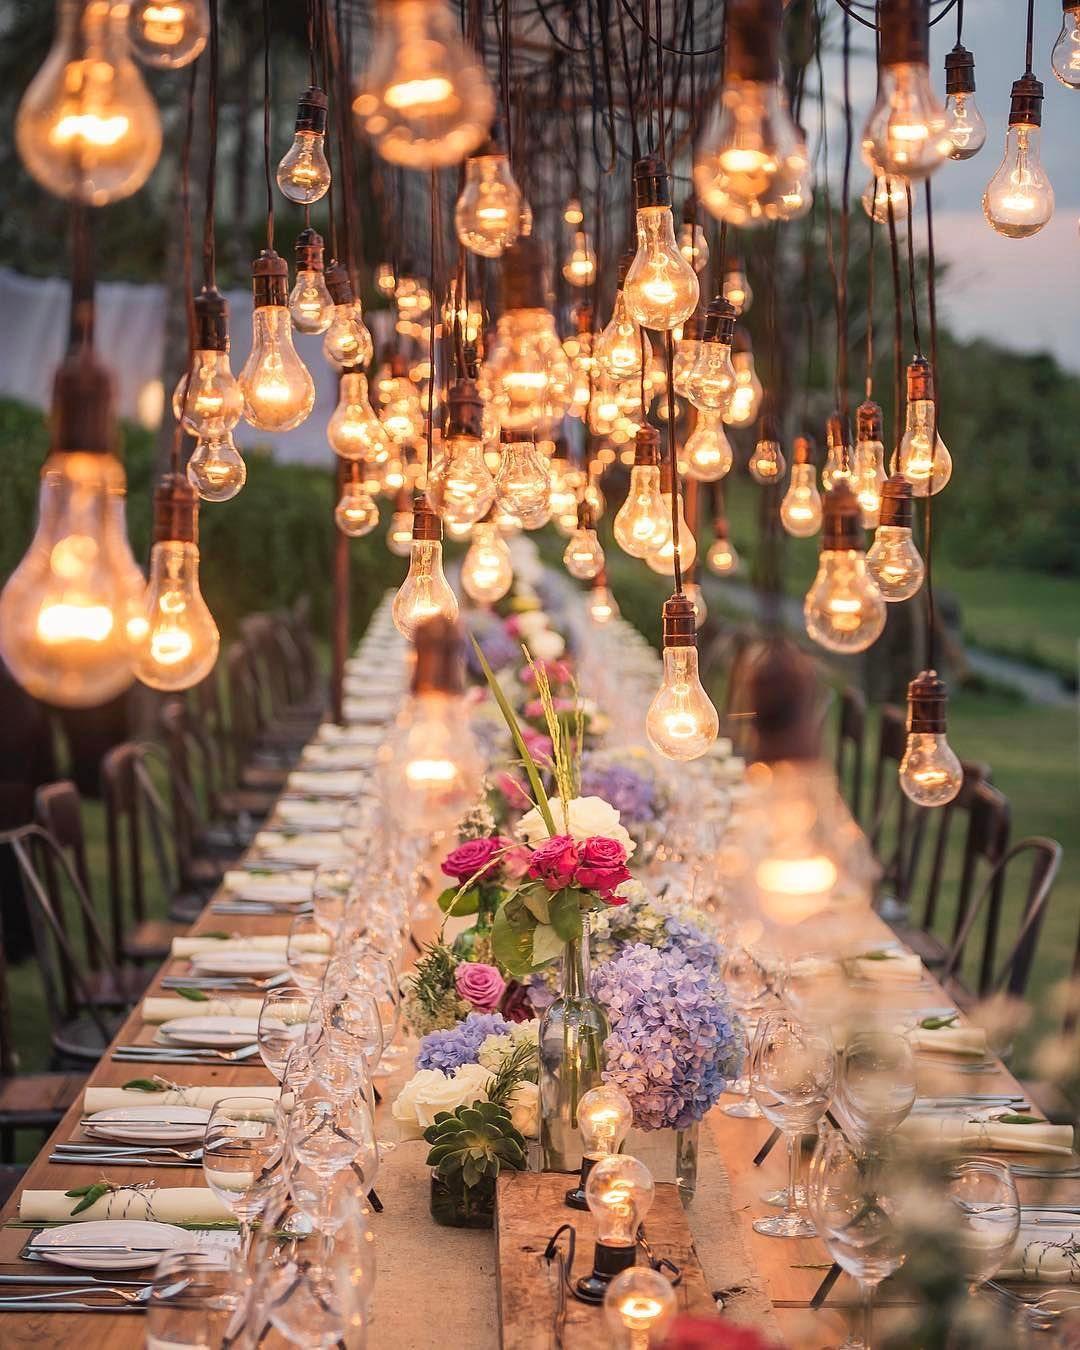 Celebrating 100k Followers With This Stunning Shot By Studioimpressions I M So Grateful Thank You Dekoration Hochzeit Hochzeitsdekoration Lichtdekoration